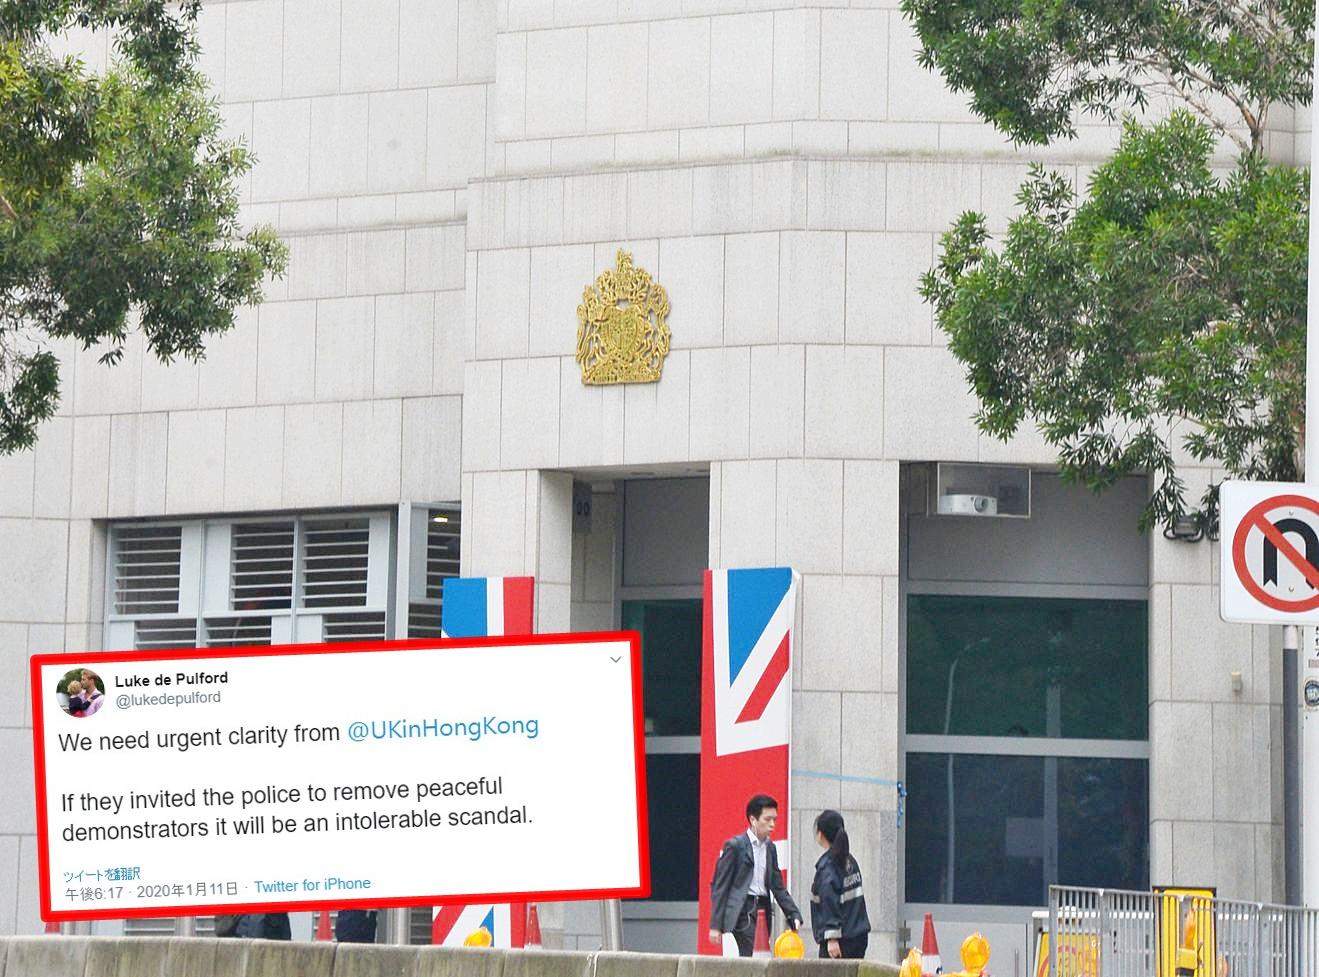 英人权委员会委员:领事馆需澄清有否邀警带走和平示威者